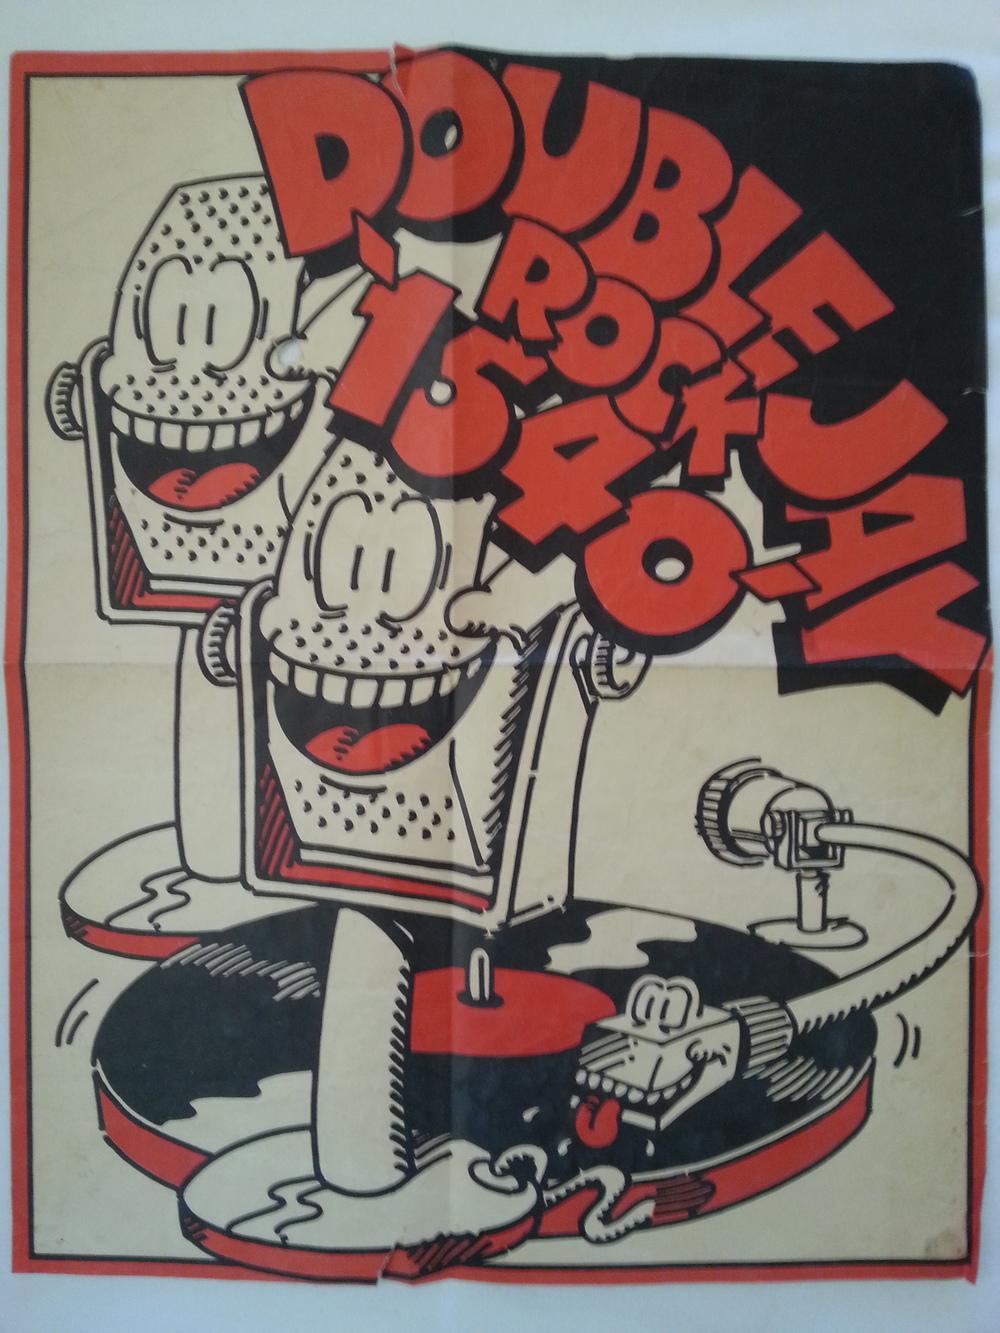 Double J Poster1977.jpg